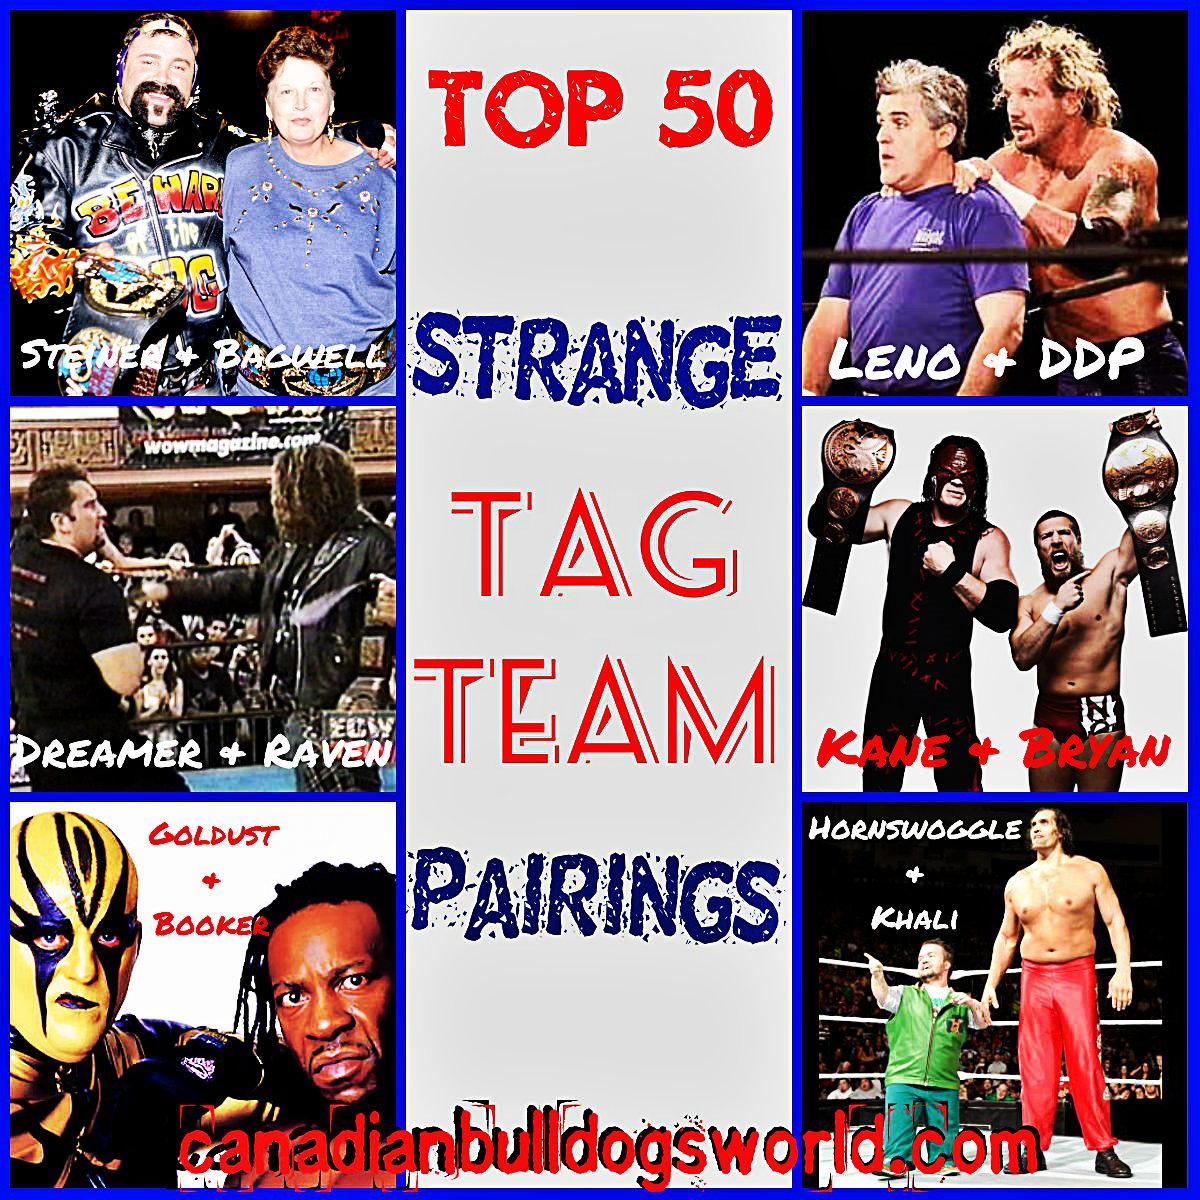 Top 50 Strange Tag Team Pairings